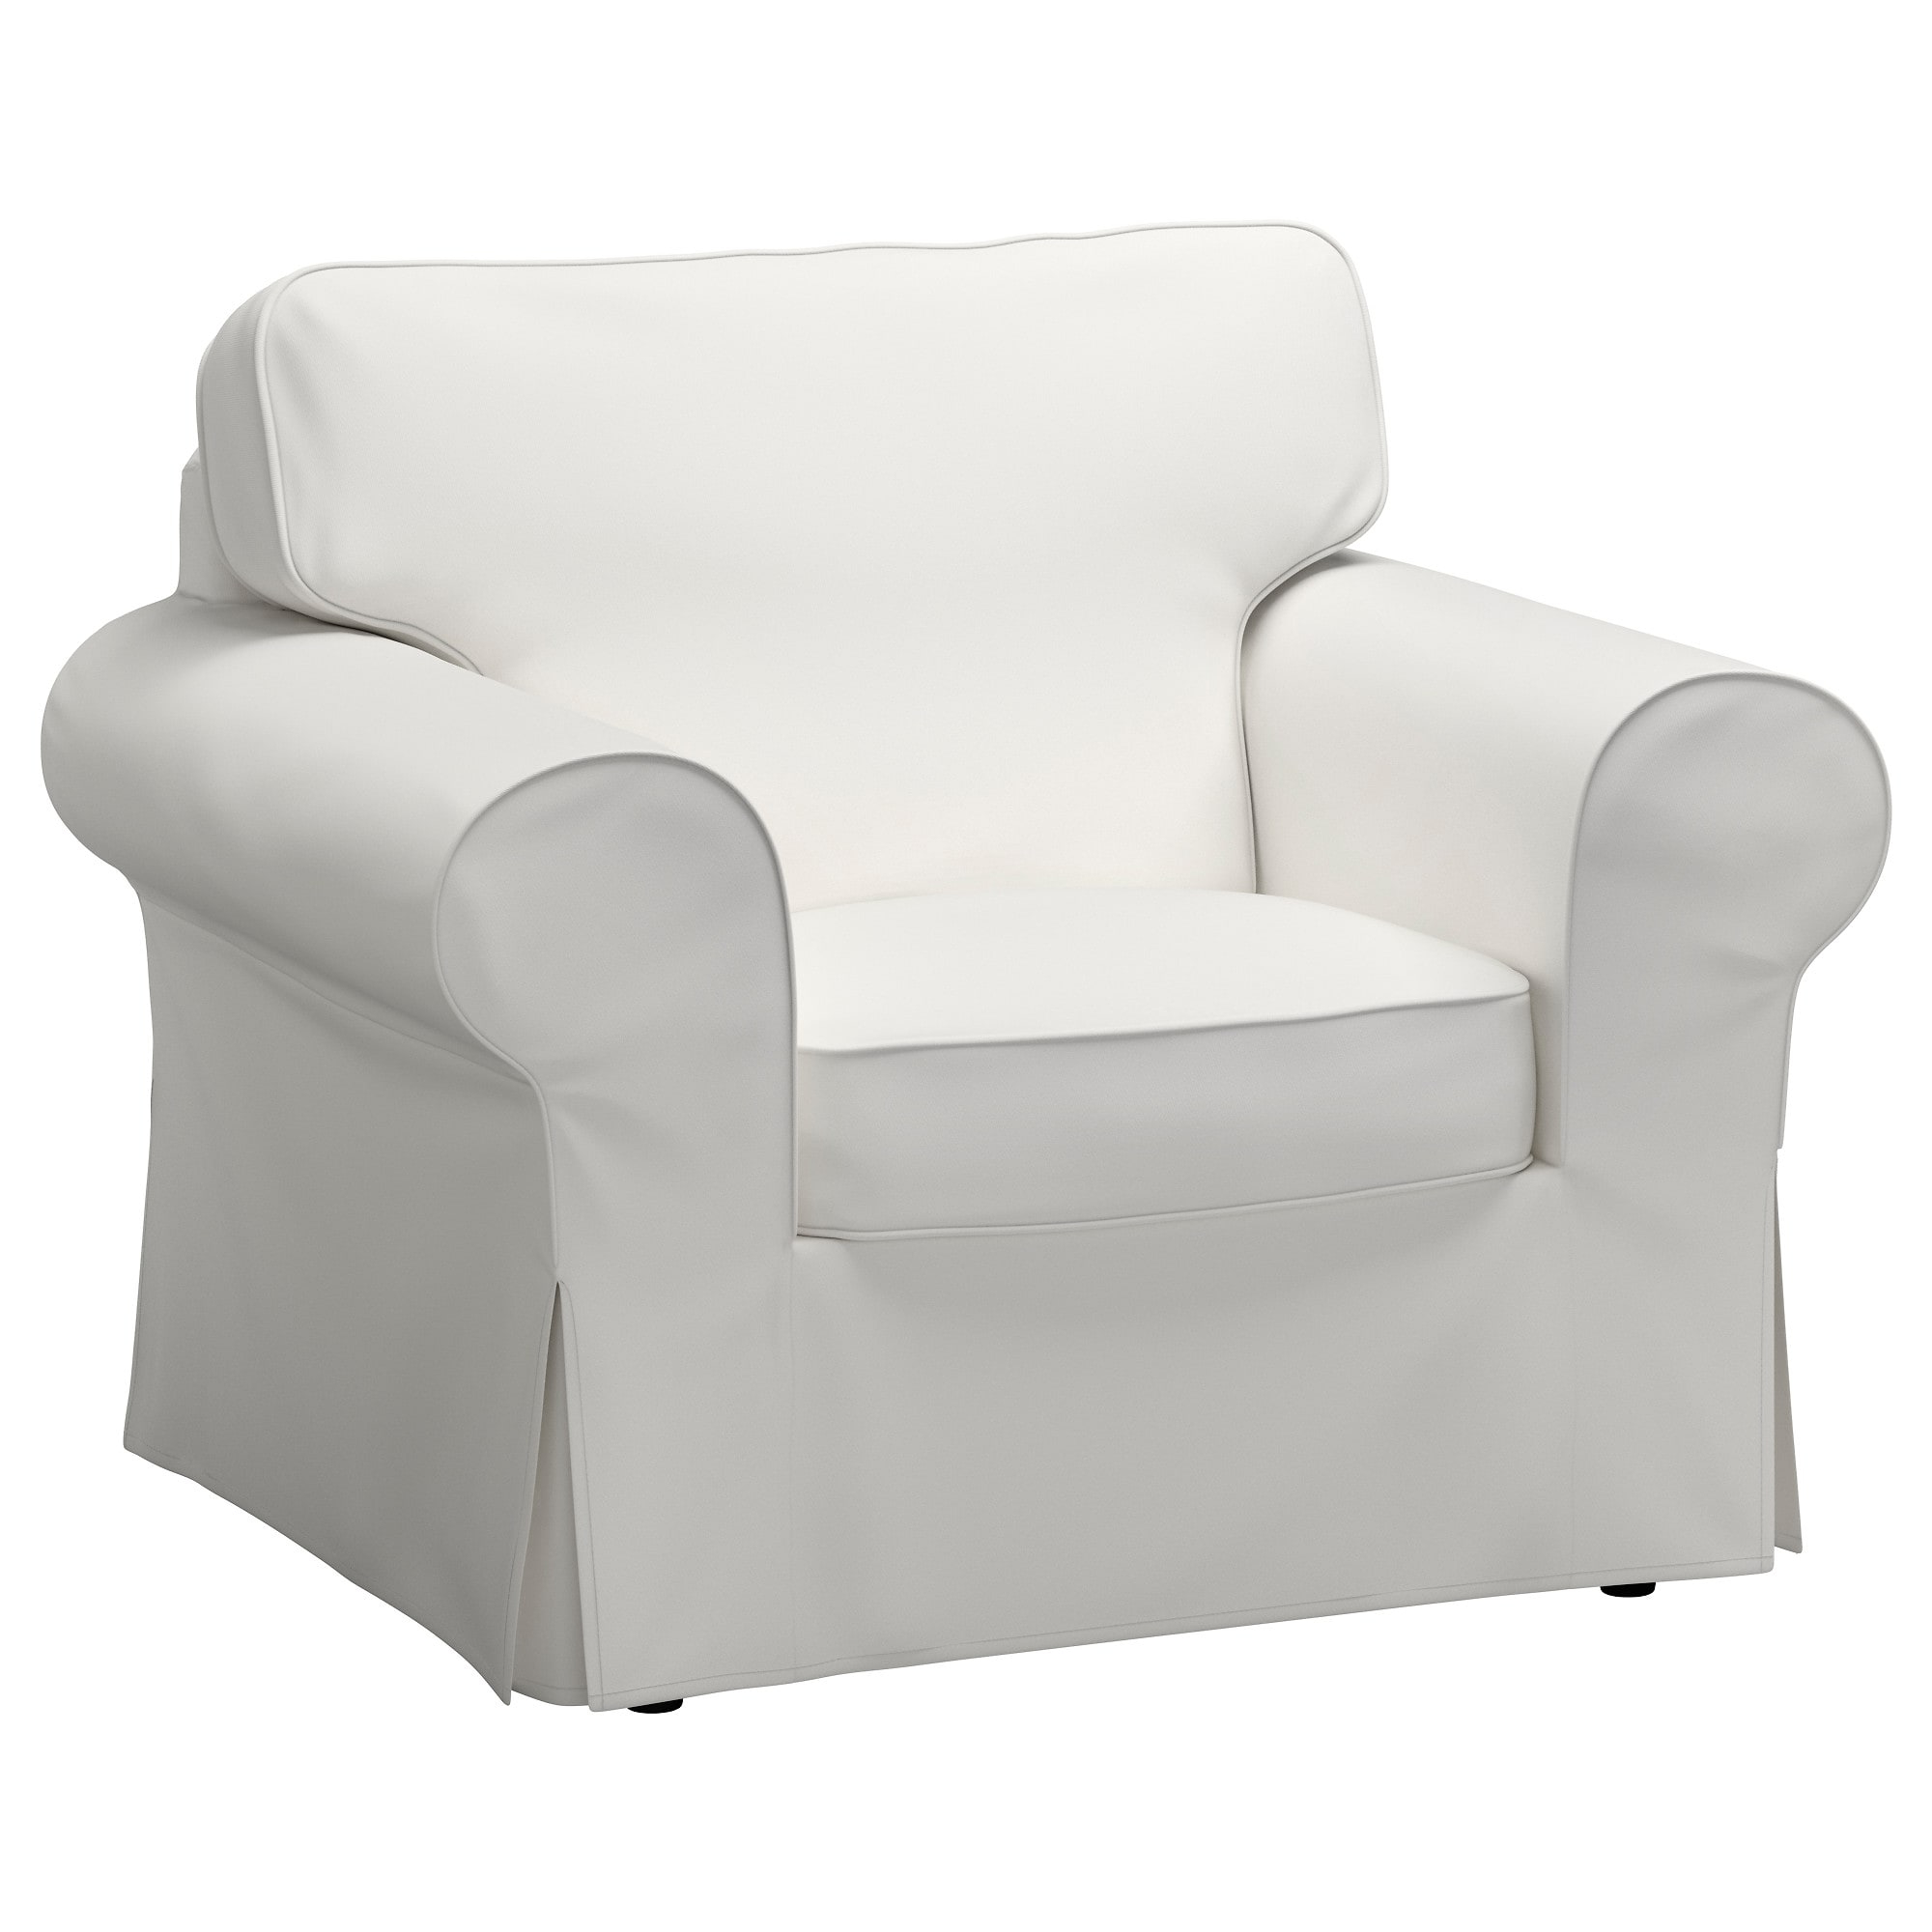 Sofas Y Sillones Ikea 8ydm Ektorp Sillà N Vittaryd Blanco Ikea